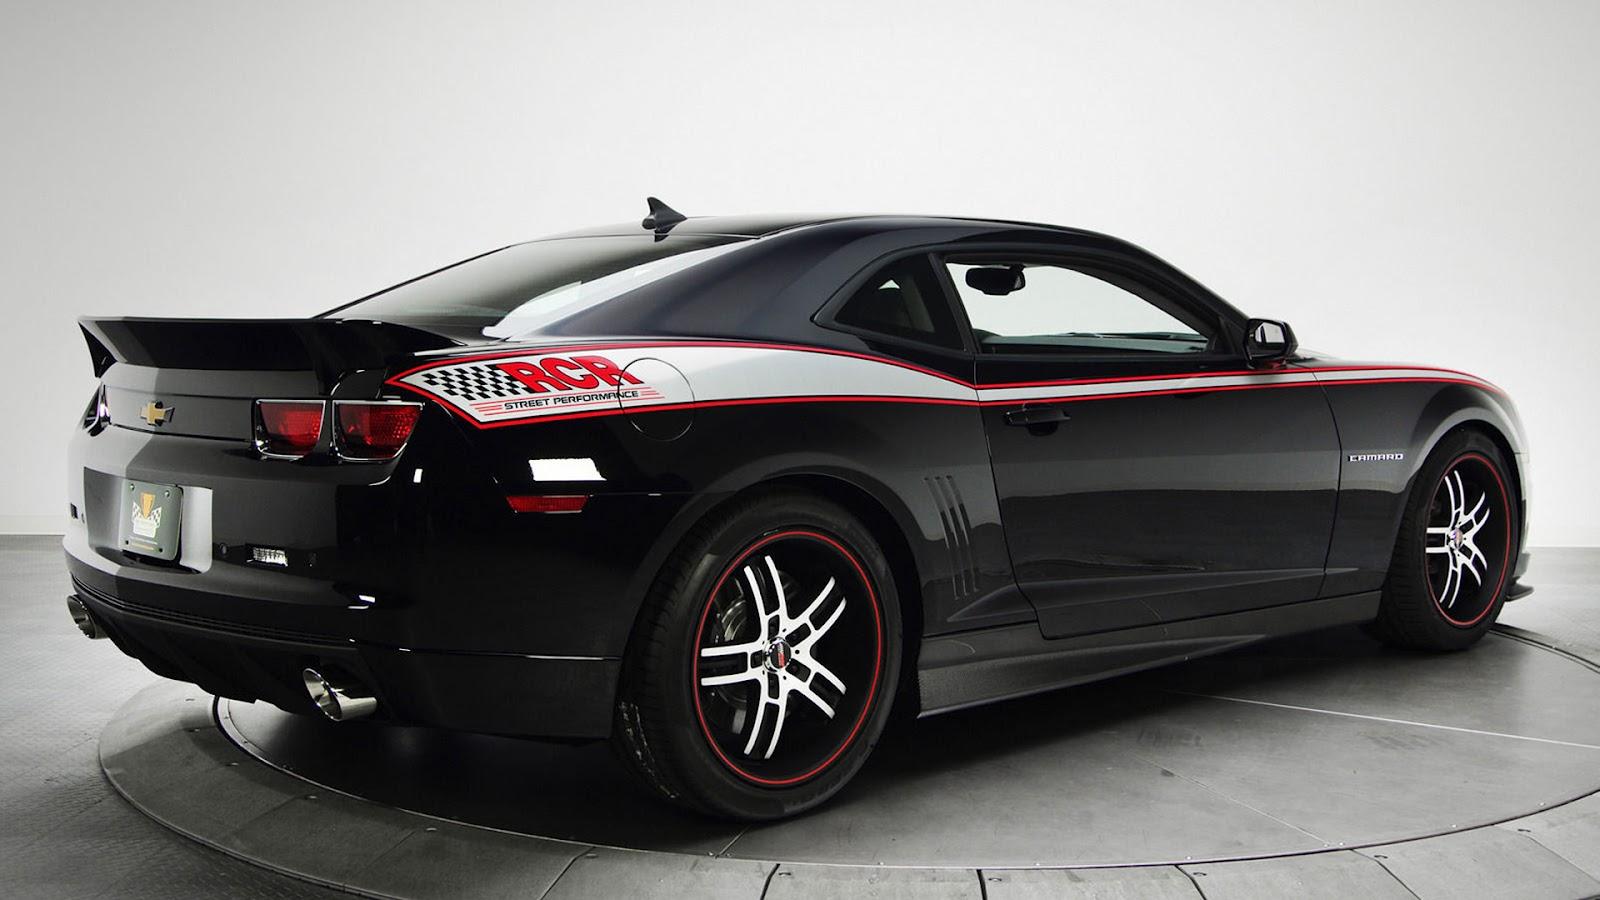 http://2.bp.blogspot.com/-RcShFyxjFfE/UD4tNQNldbI/AAAAAAAAAhg/N3-RRYtIgyE/s1600/Chevrolet-Camaro+wallpaper.jpg